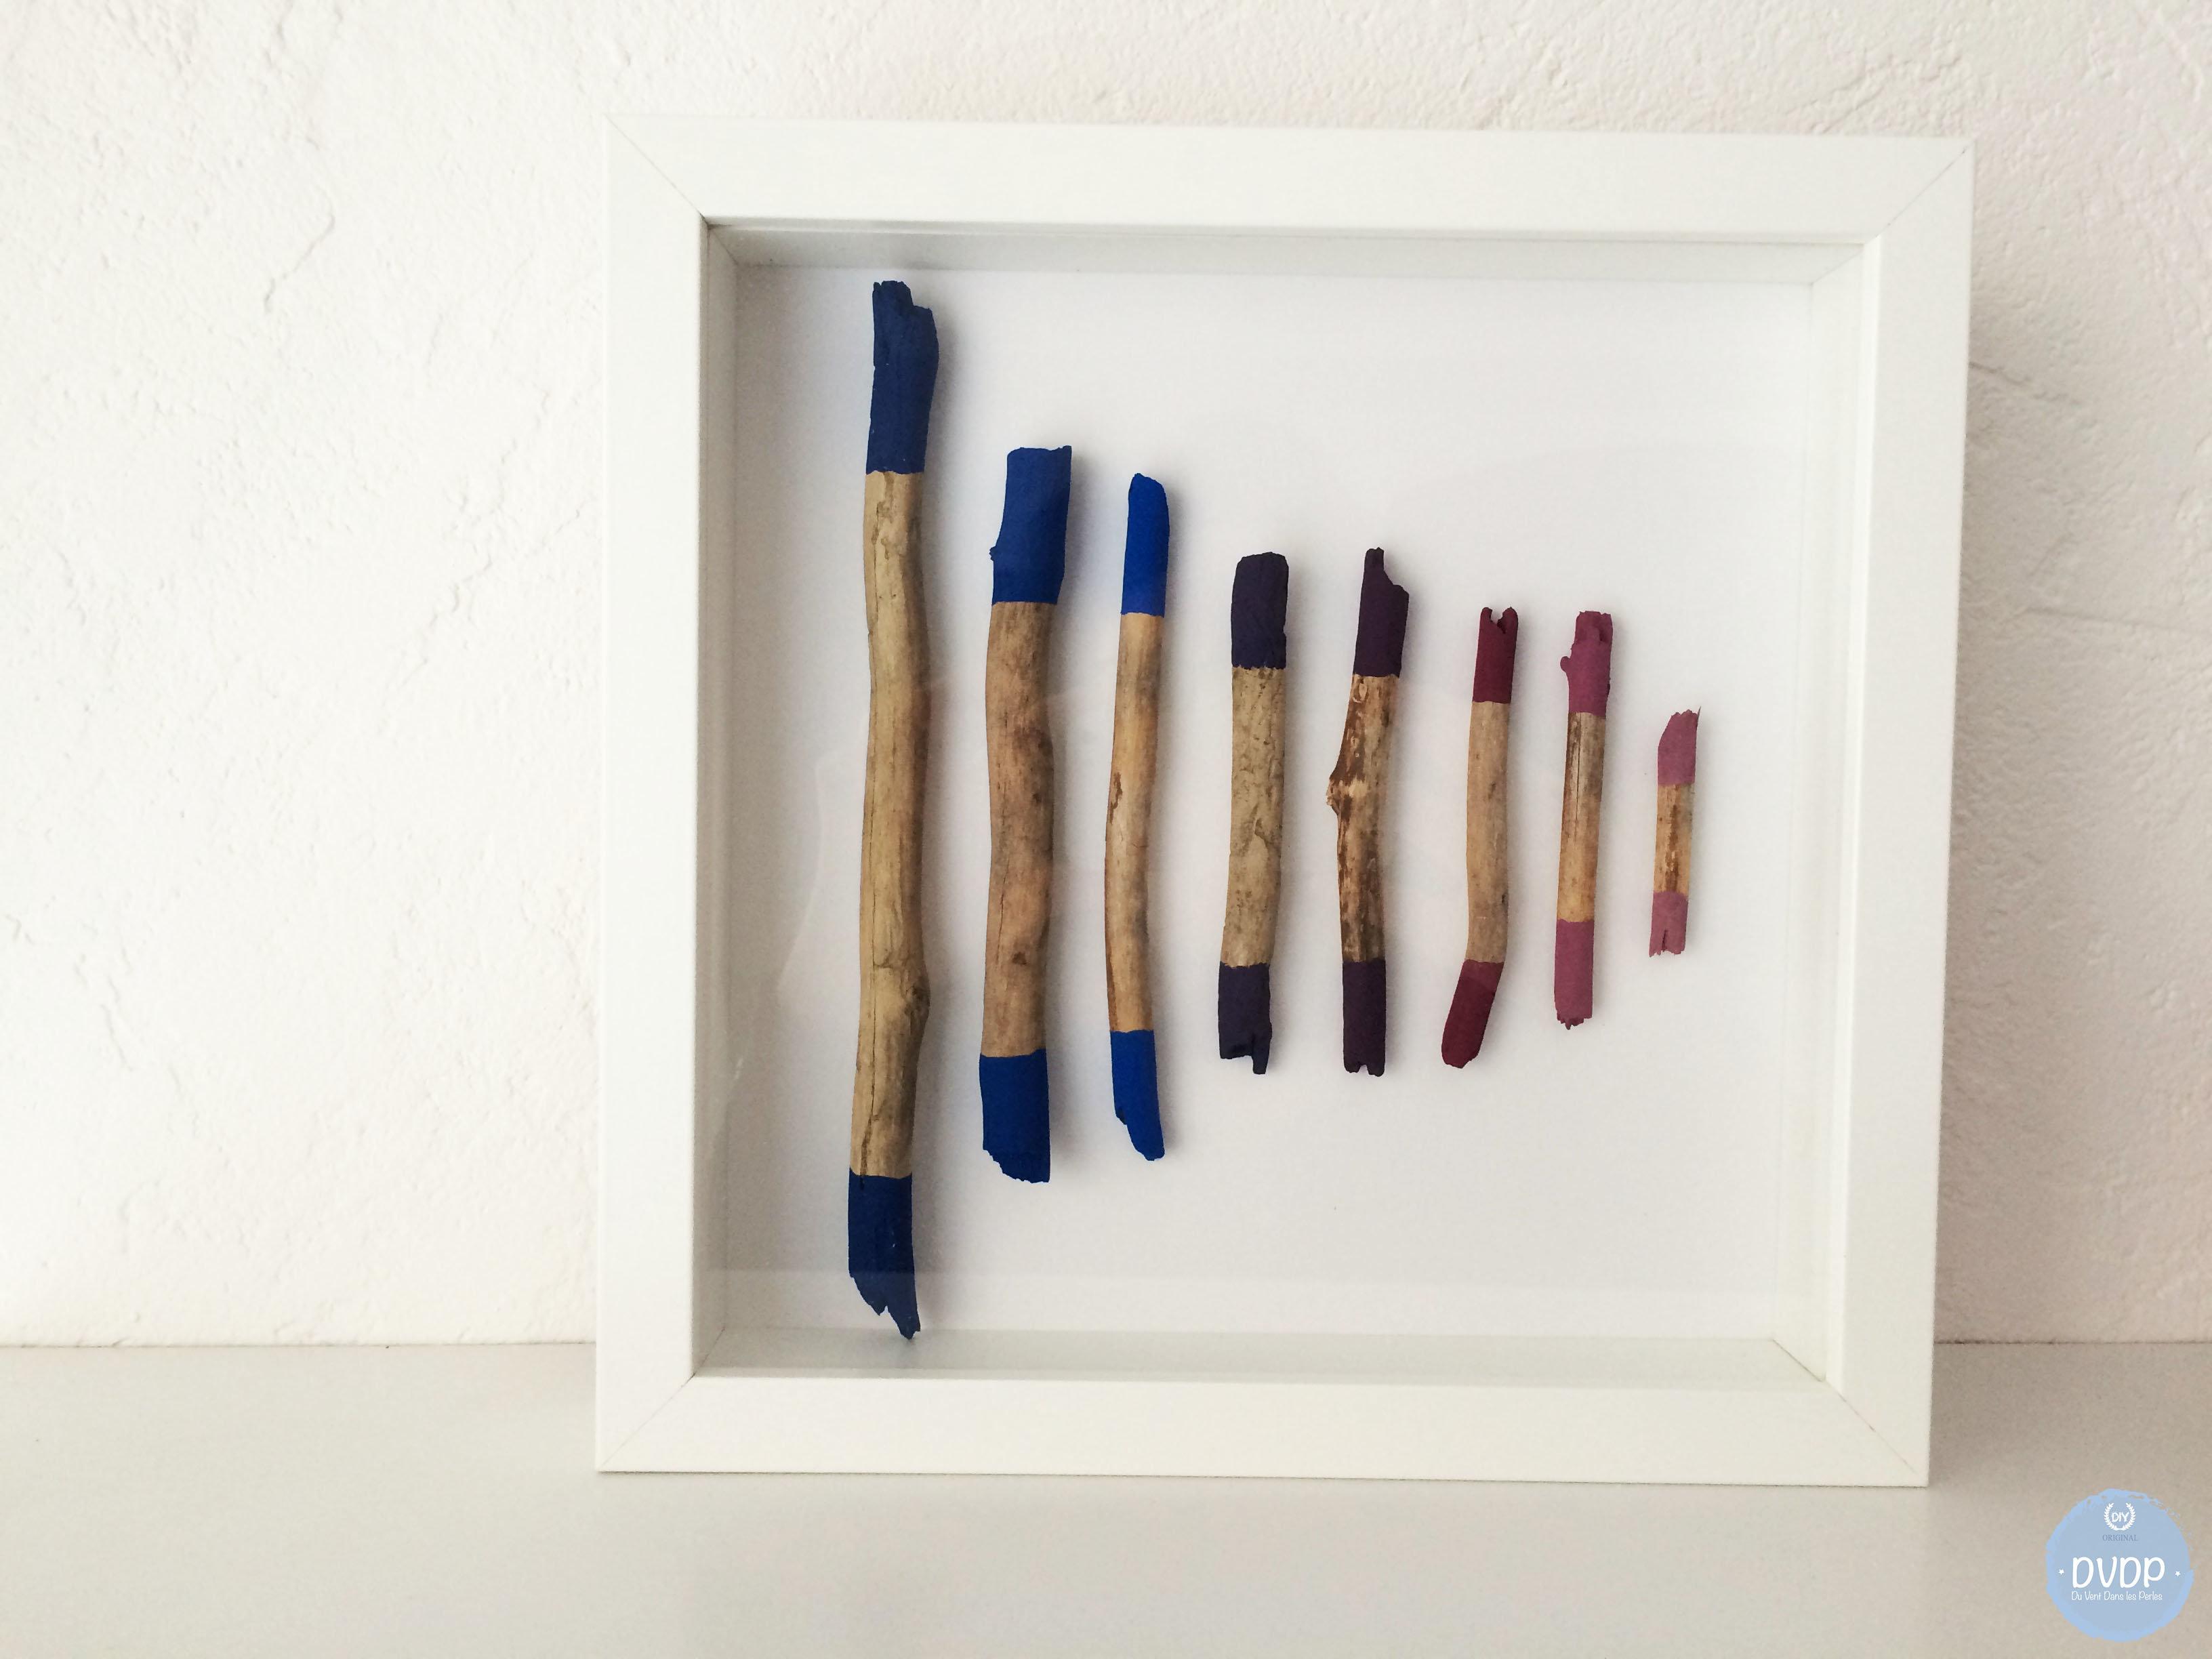 tutoriel diy cadre d co avec du bois flott peint. Black Bedroom Furniture Sets. Home Design Ideas